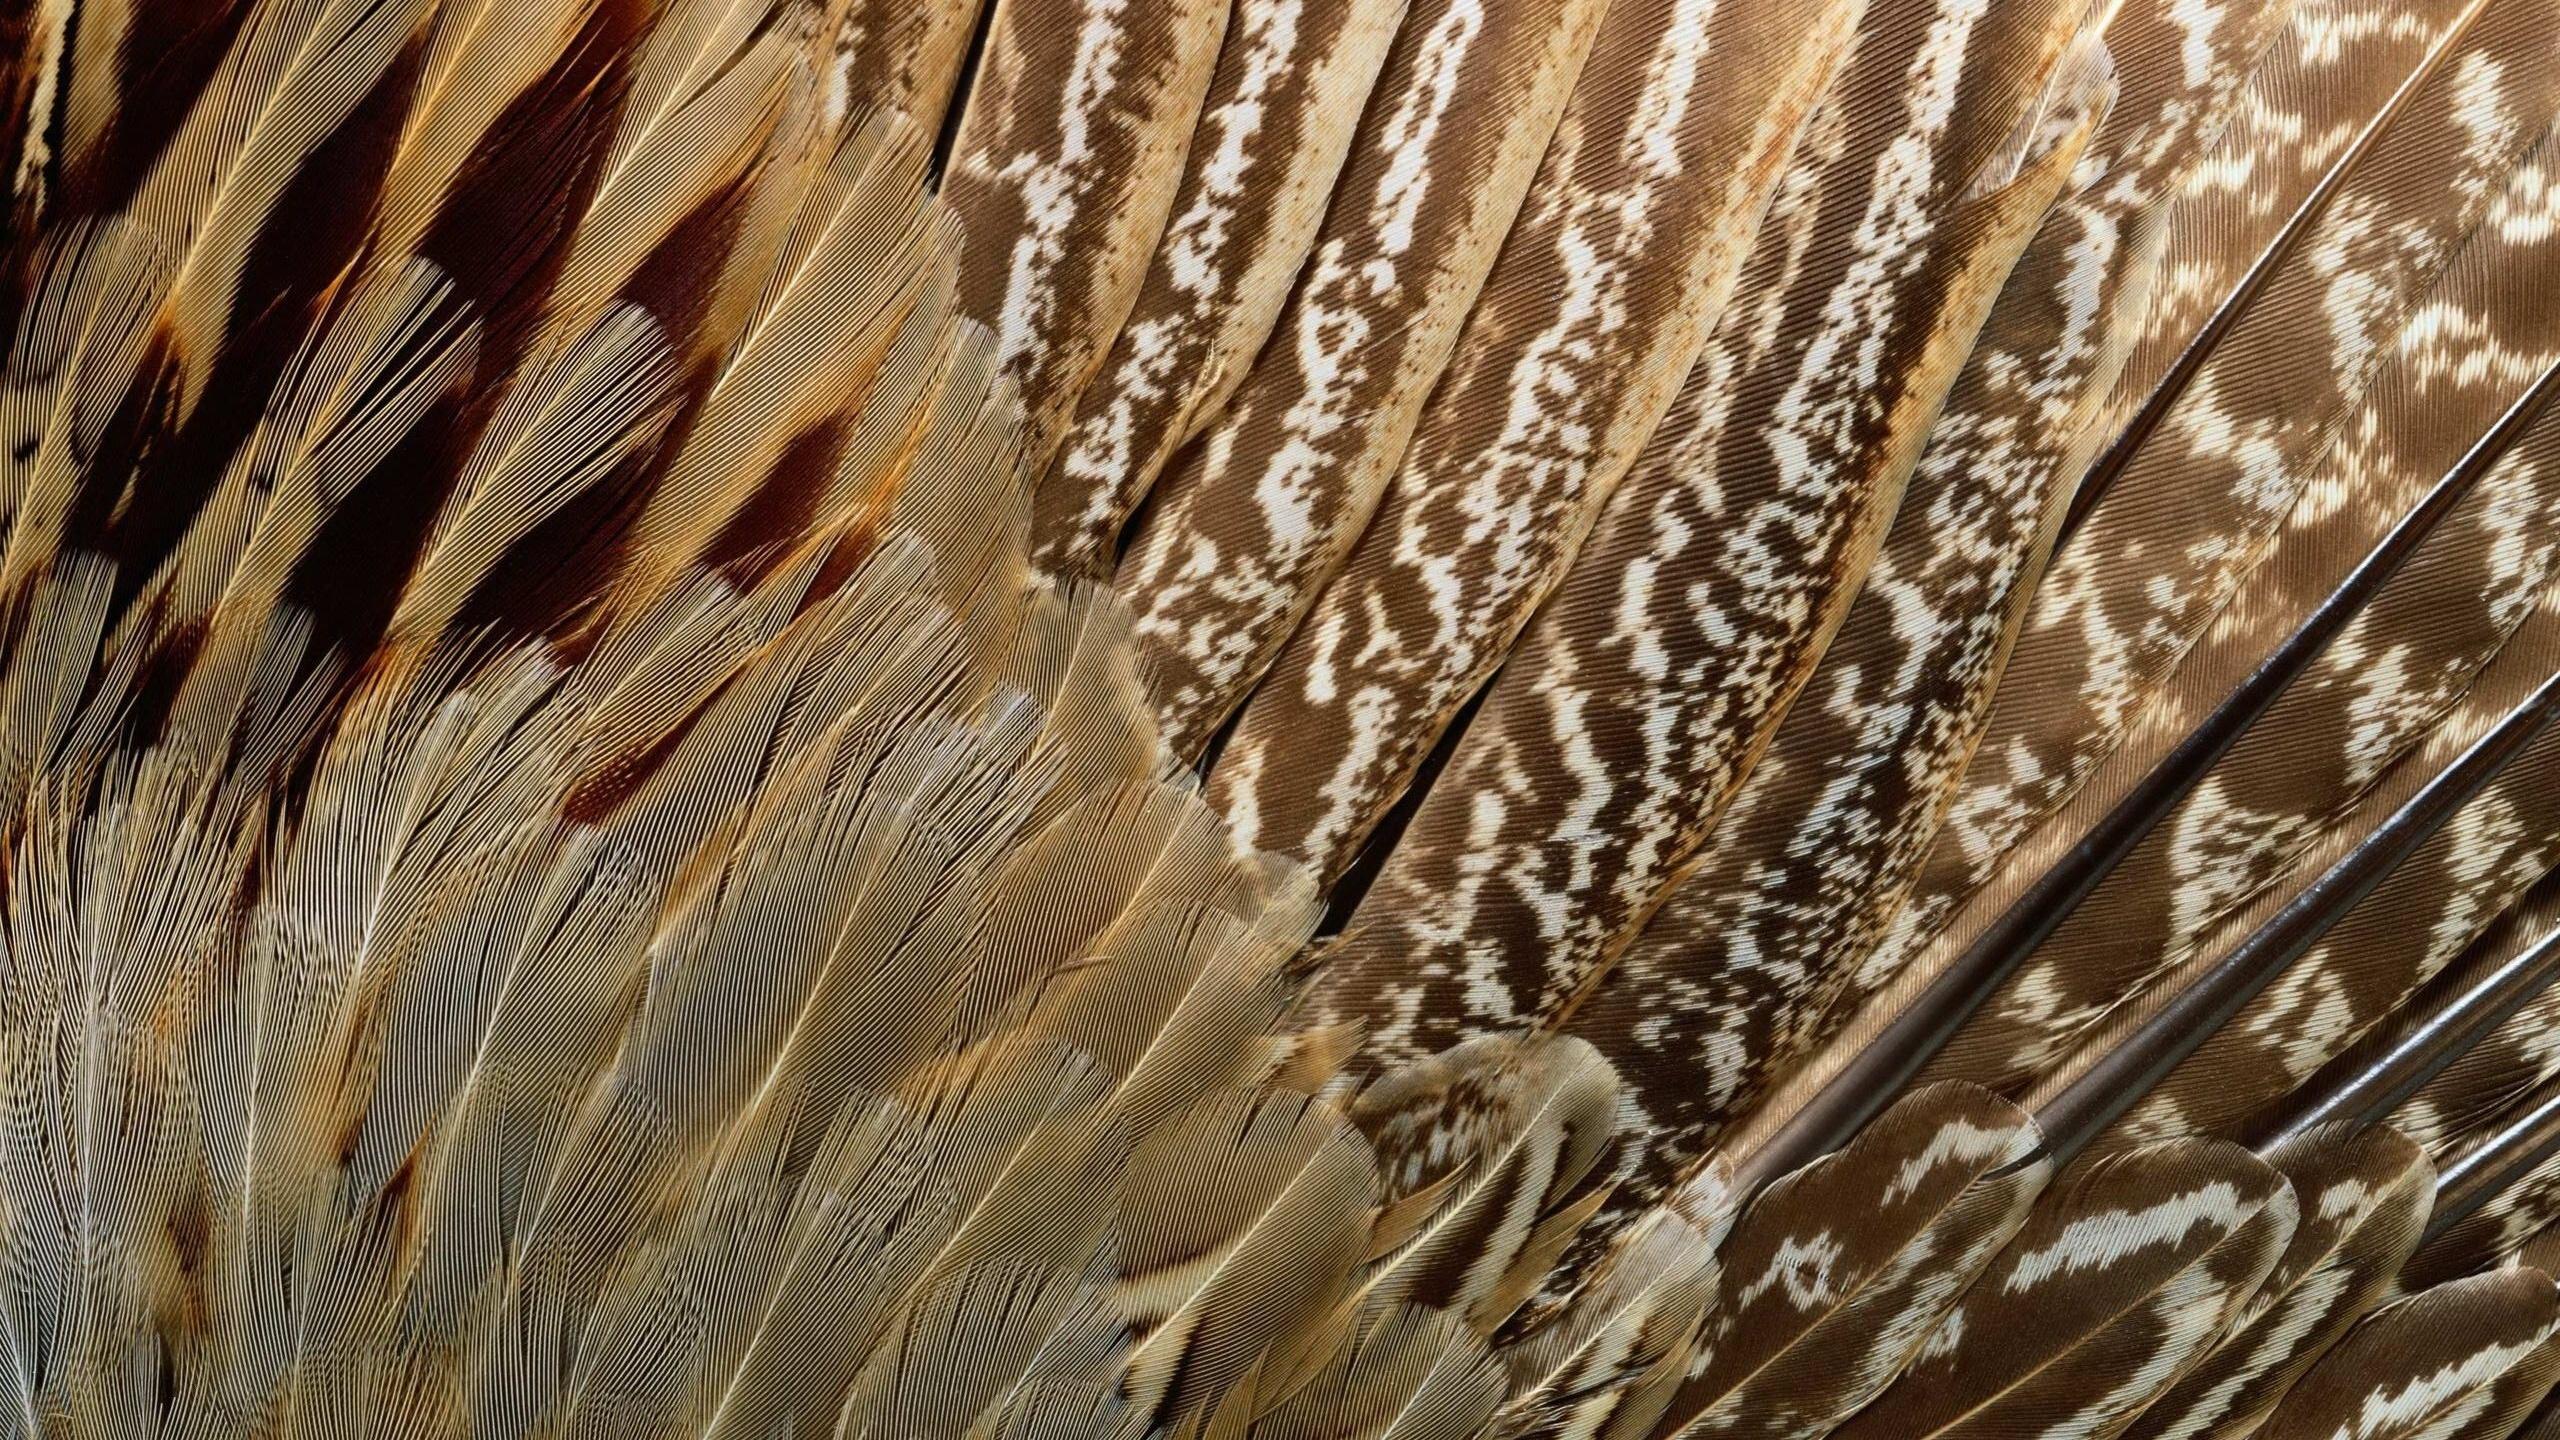 animal texture, Текстура, перья экзотической птицы